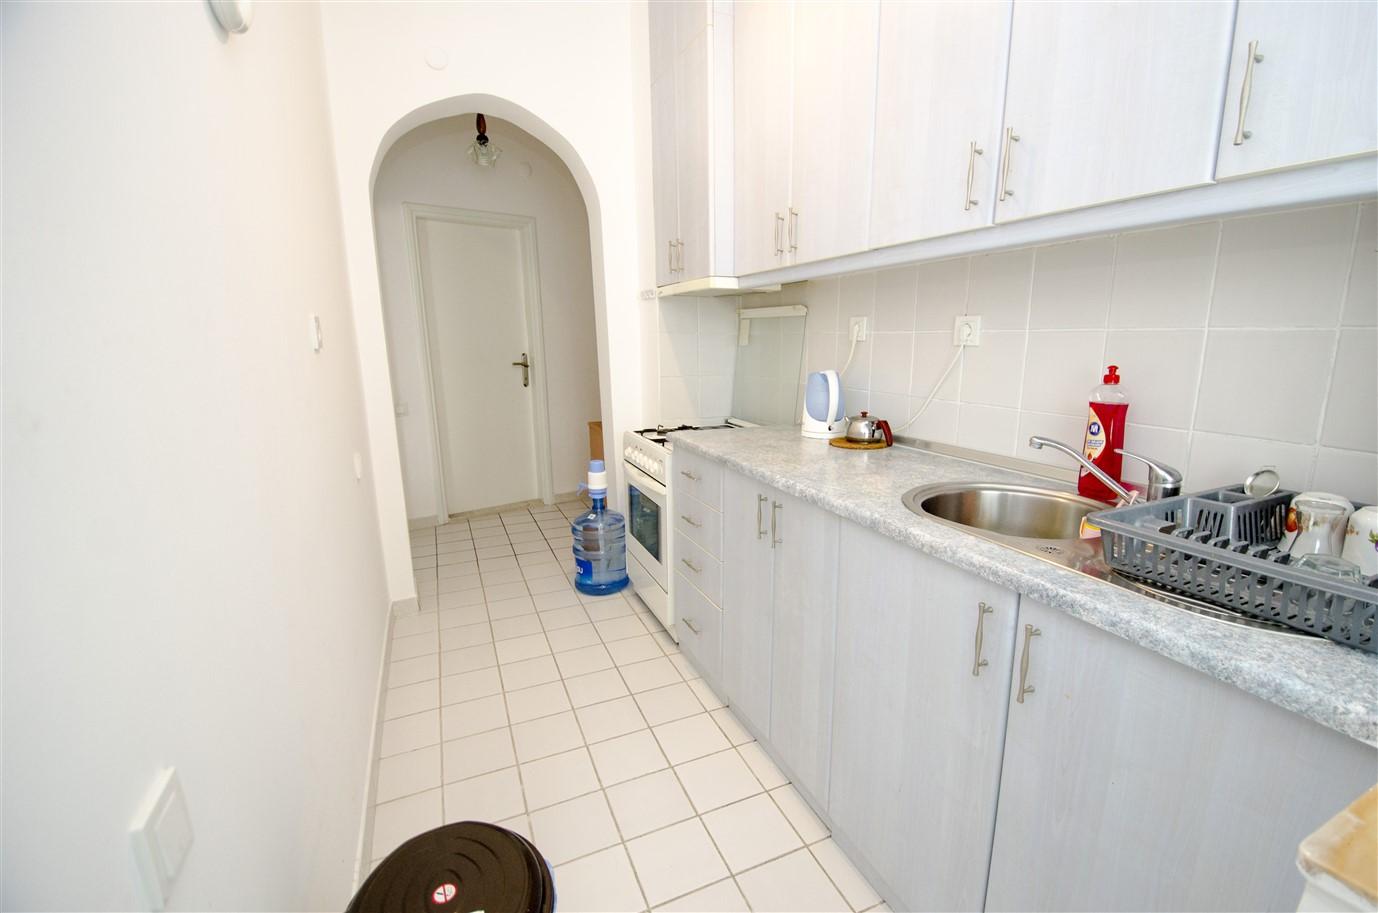 Квартира 1+1 с мебелью в районе Лиман Коньяалты Анталия - Фото 8